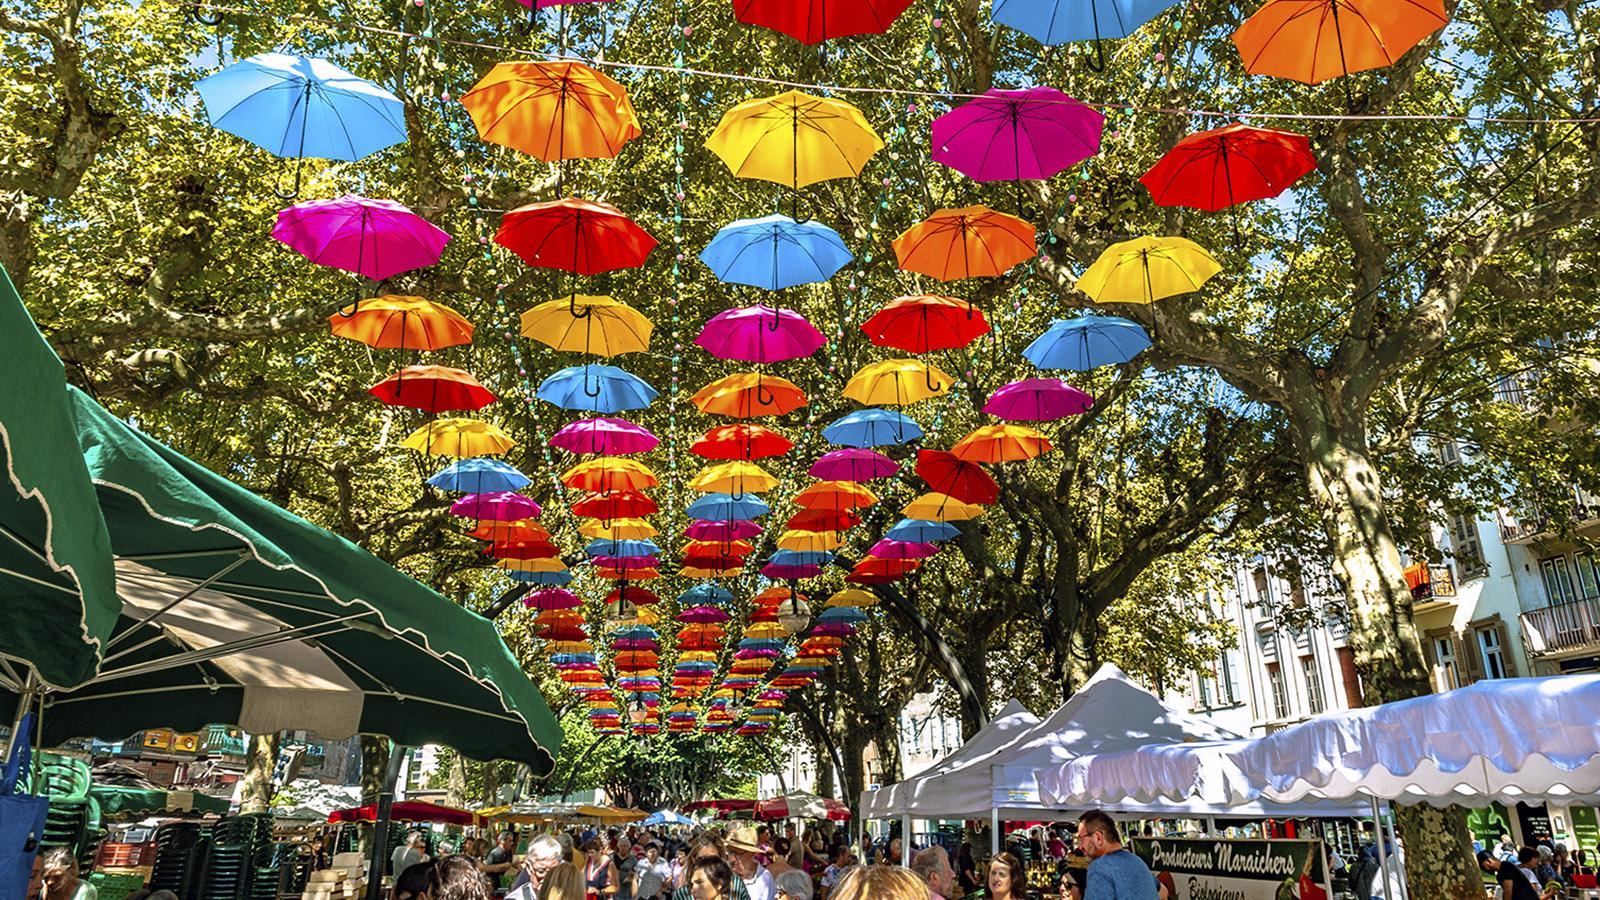 Pamiers: bunte Schirme schützen den Wochenmarkt vor Regen - und sorgen für Farbe zwischen den Platanen. Foto: Hilke Maunder